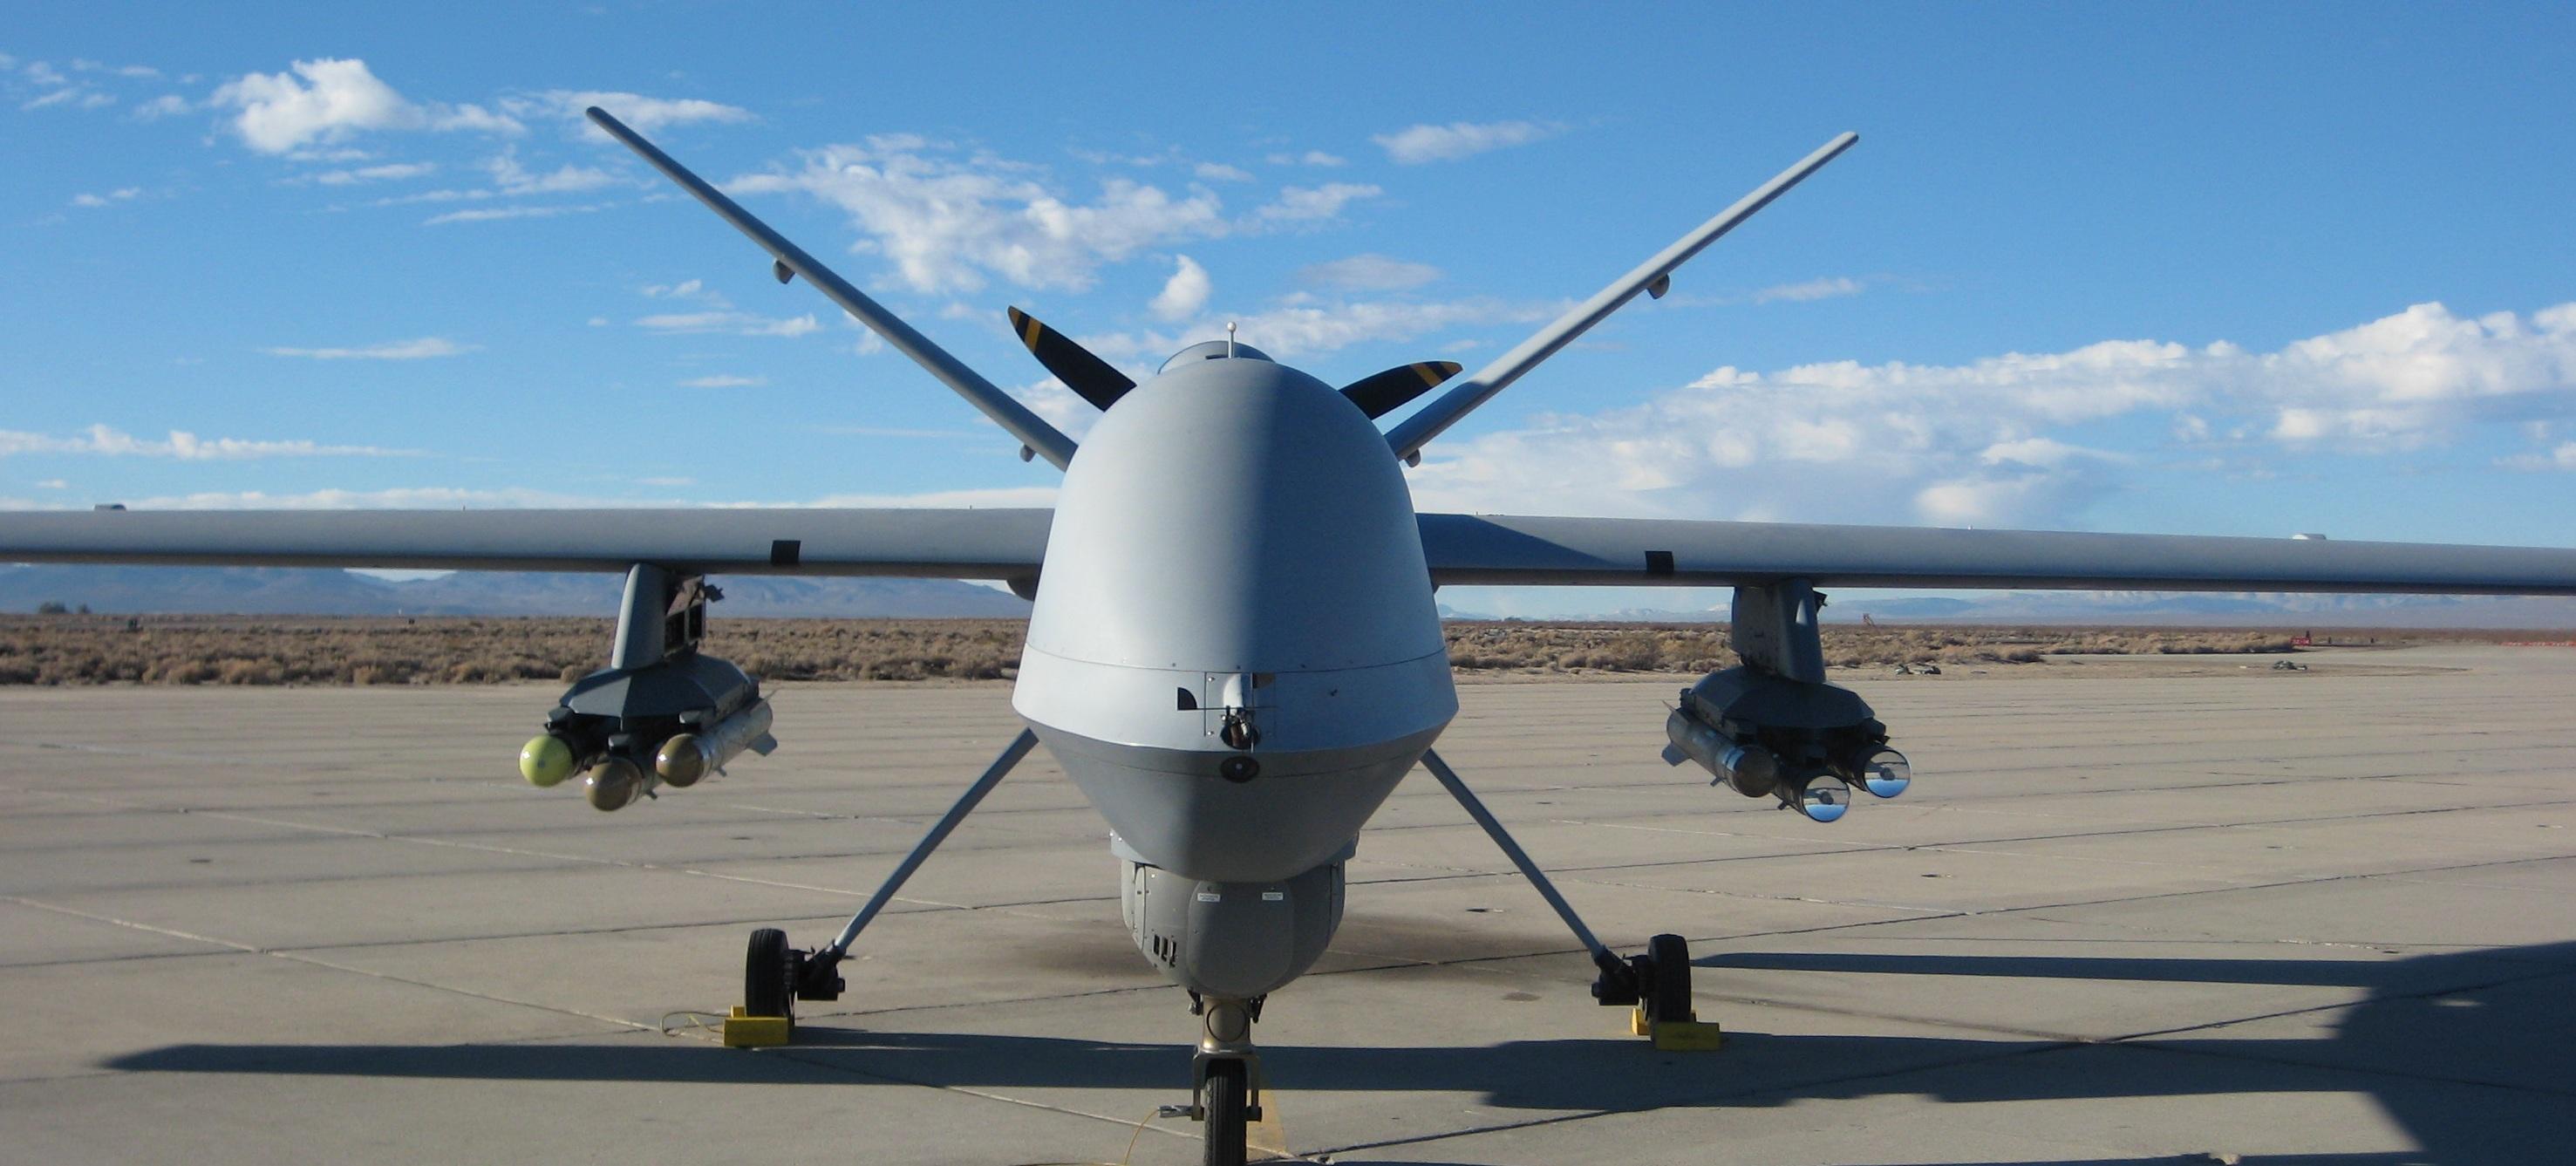 Brimstone Drone Reaper MBDA